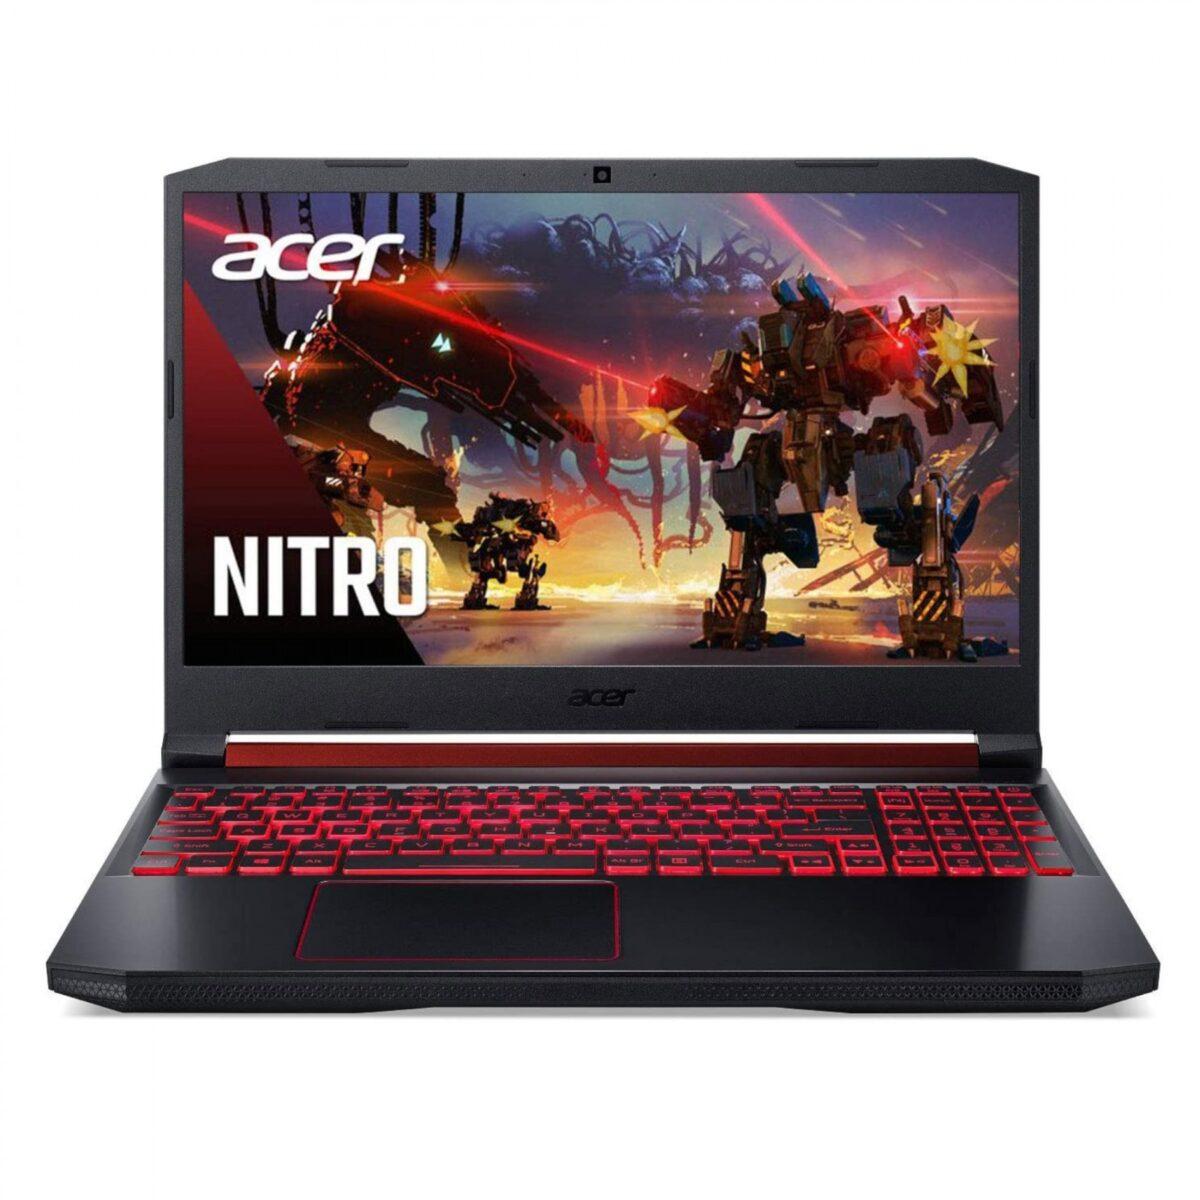 لپ تاپ گیمینگ Acer Nitro 5 AN515-55-70PT